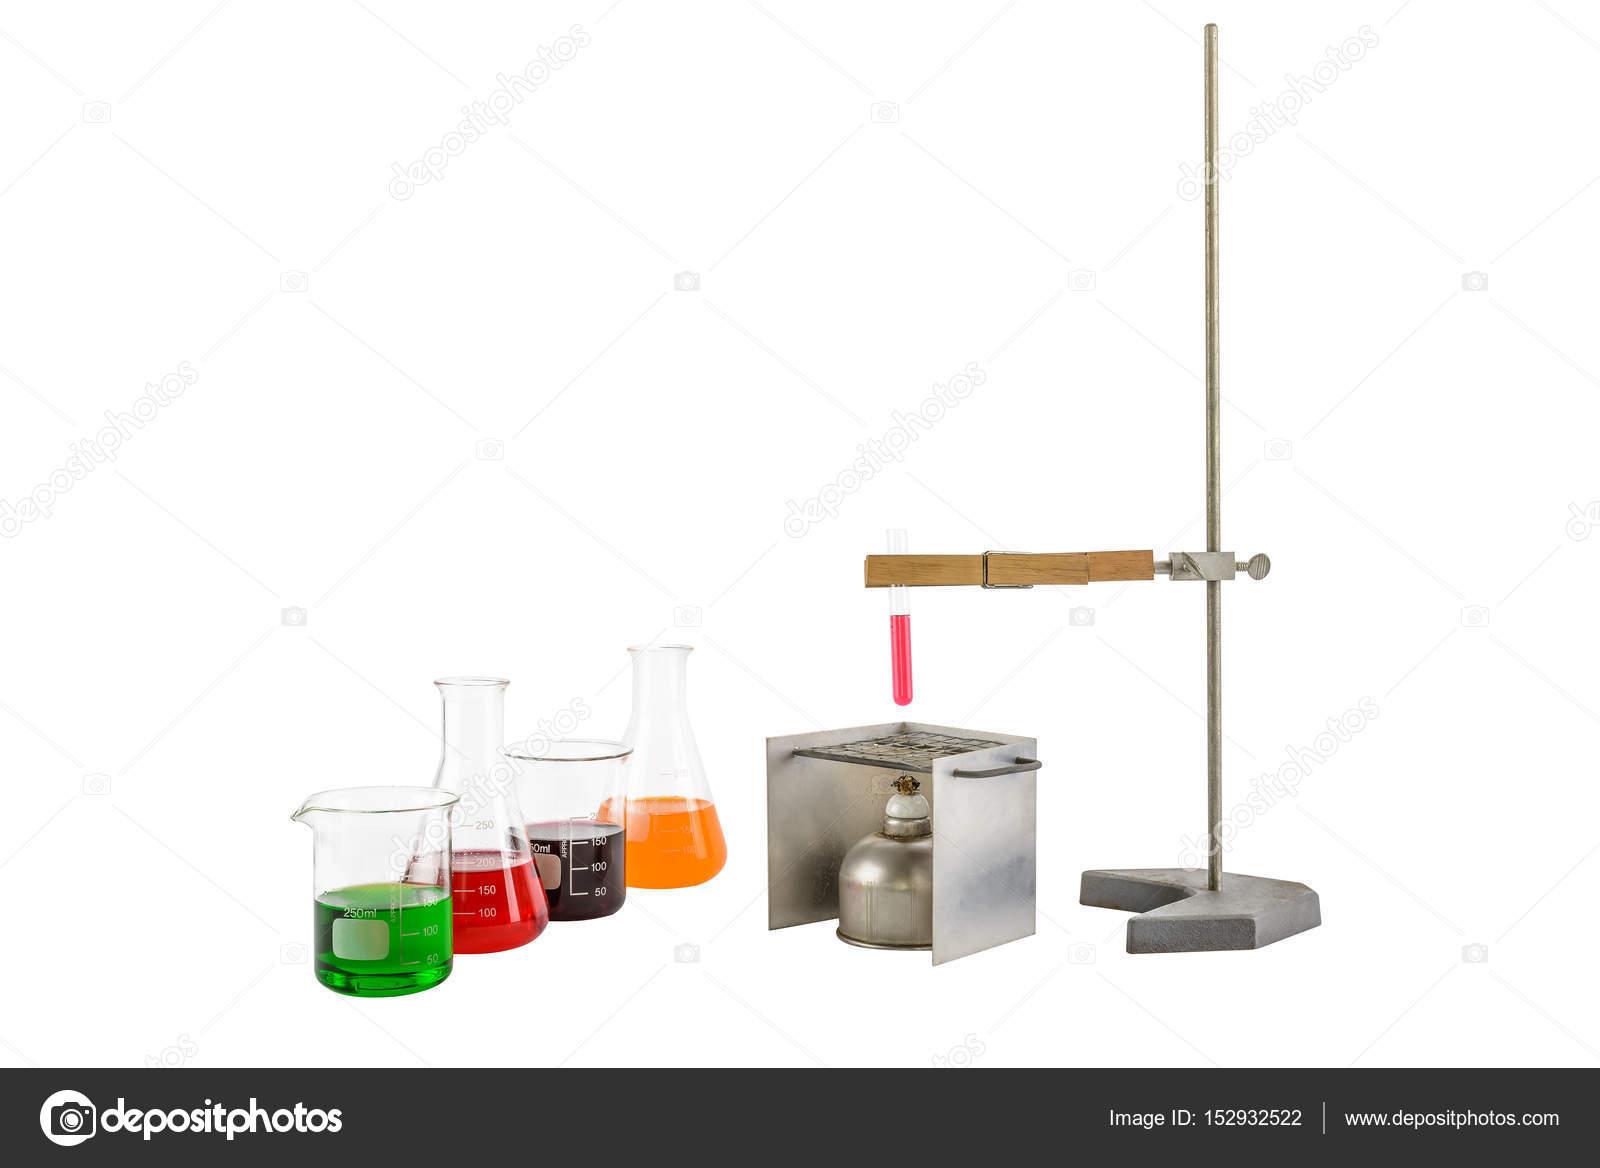 Lampe Zum Klemmen Trendy Reagenzglas Halter Klemmen Hngen Stehen Und Alkohol Lampe With Lampe